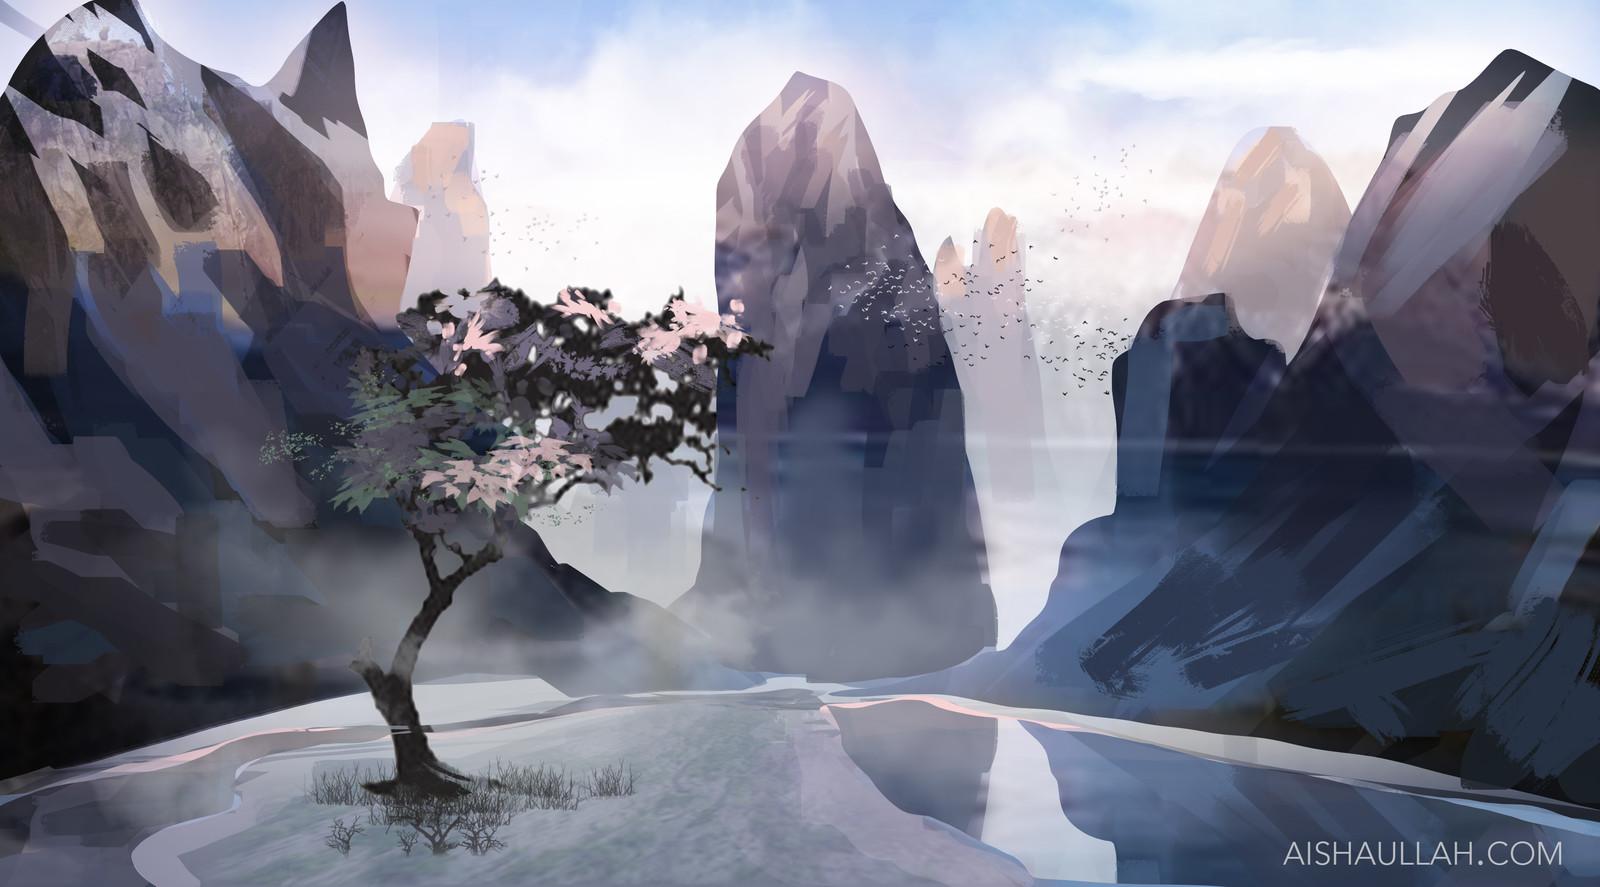 Serenity study